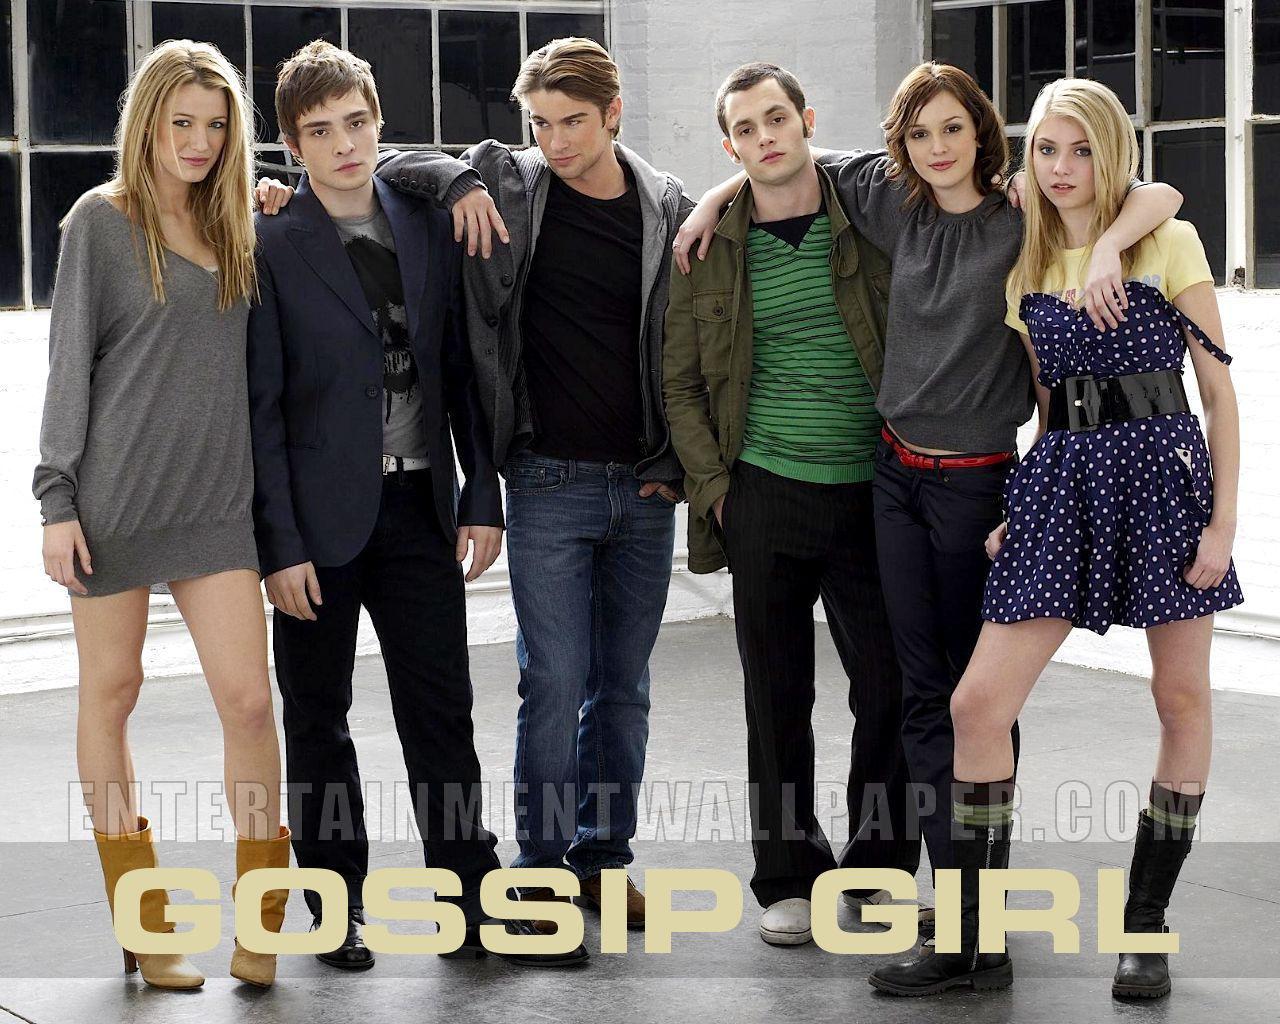 Read closely Gossip girl season 1 season finale